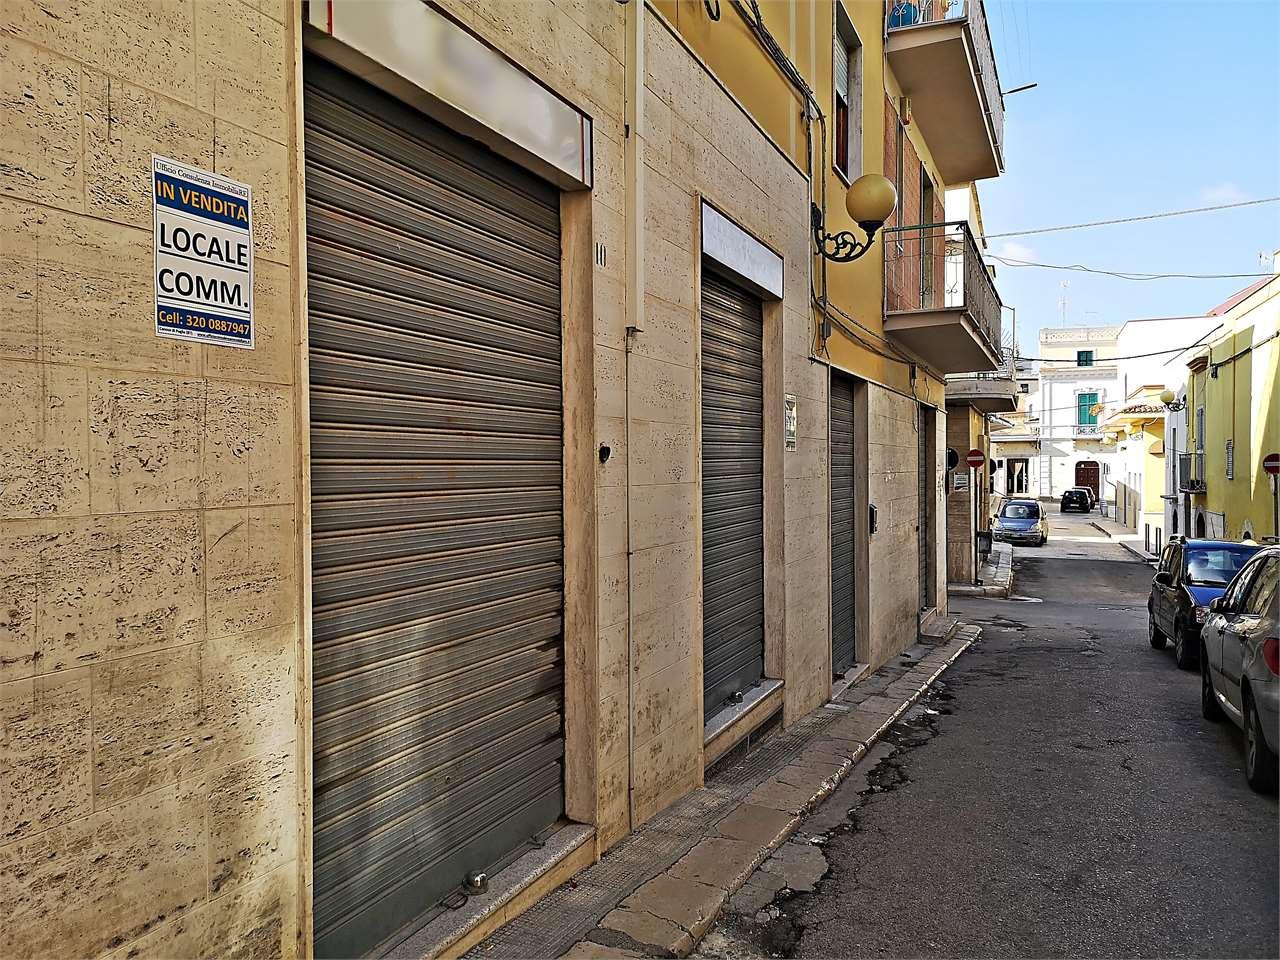 Negozio / Locale in vendita a Canosa di Puglia, 2 locali, prezzo € 55.000 | PortaleAgenzieImmobiliari.it